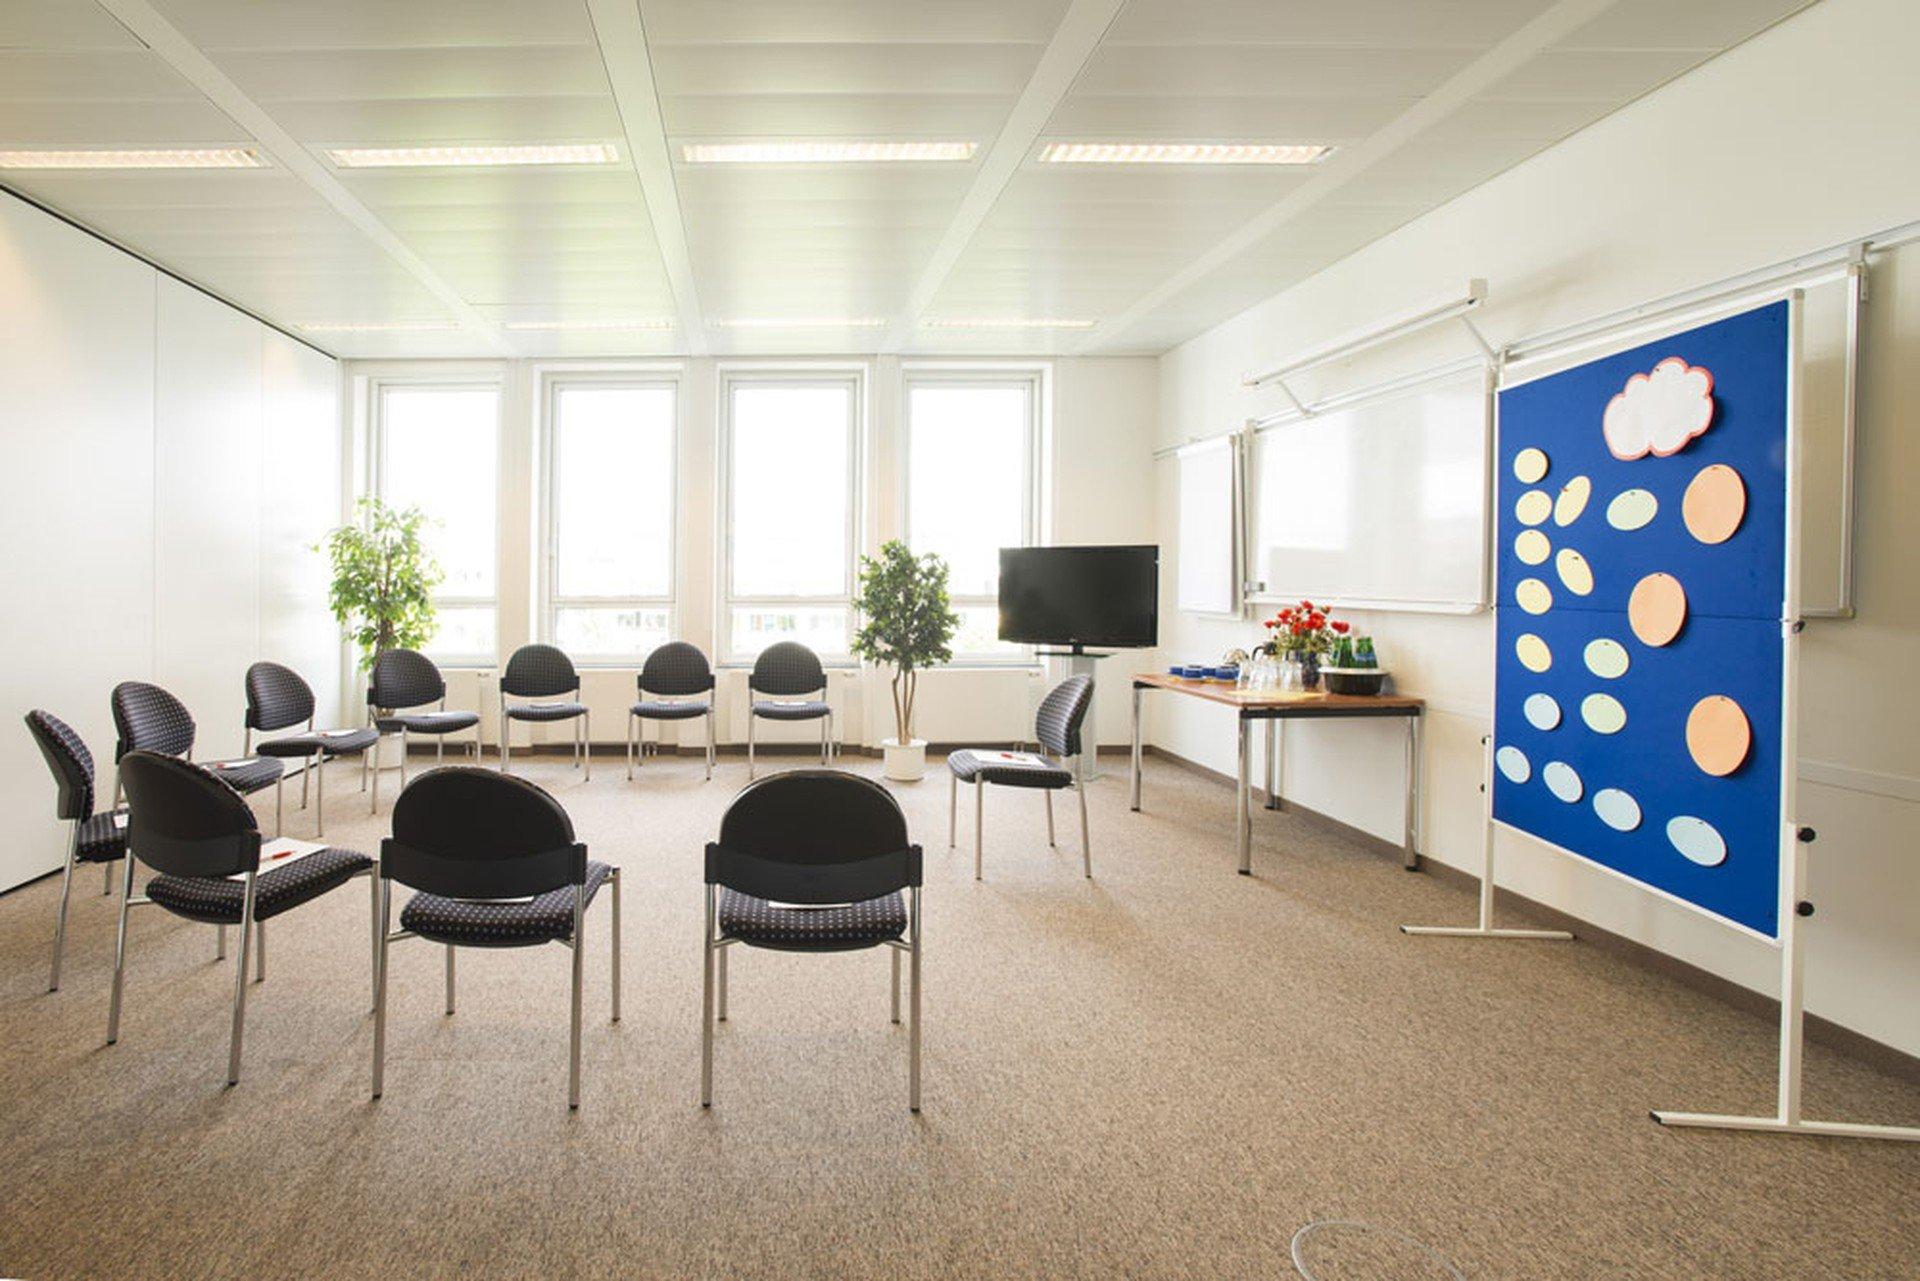 München seminar rooms Meetingraum ecos office center münchen - Konferenzraum 3 image 0